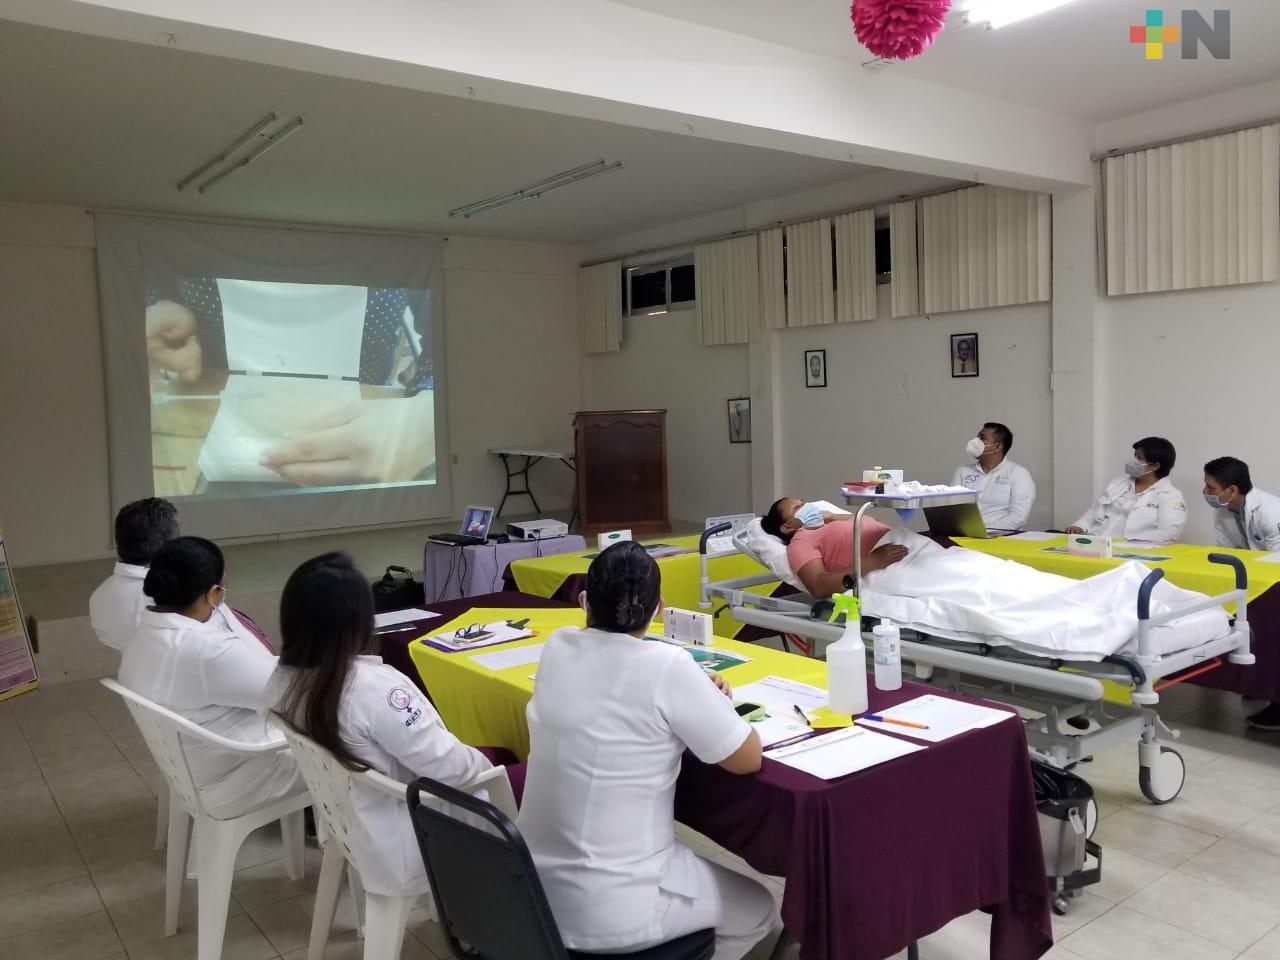 Capacitación y actualización constante al personal de enfermería, para atender cada vez mejor a la población